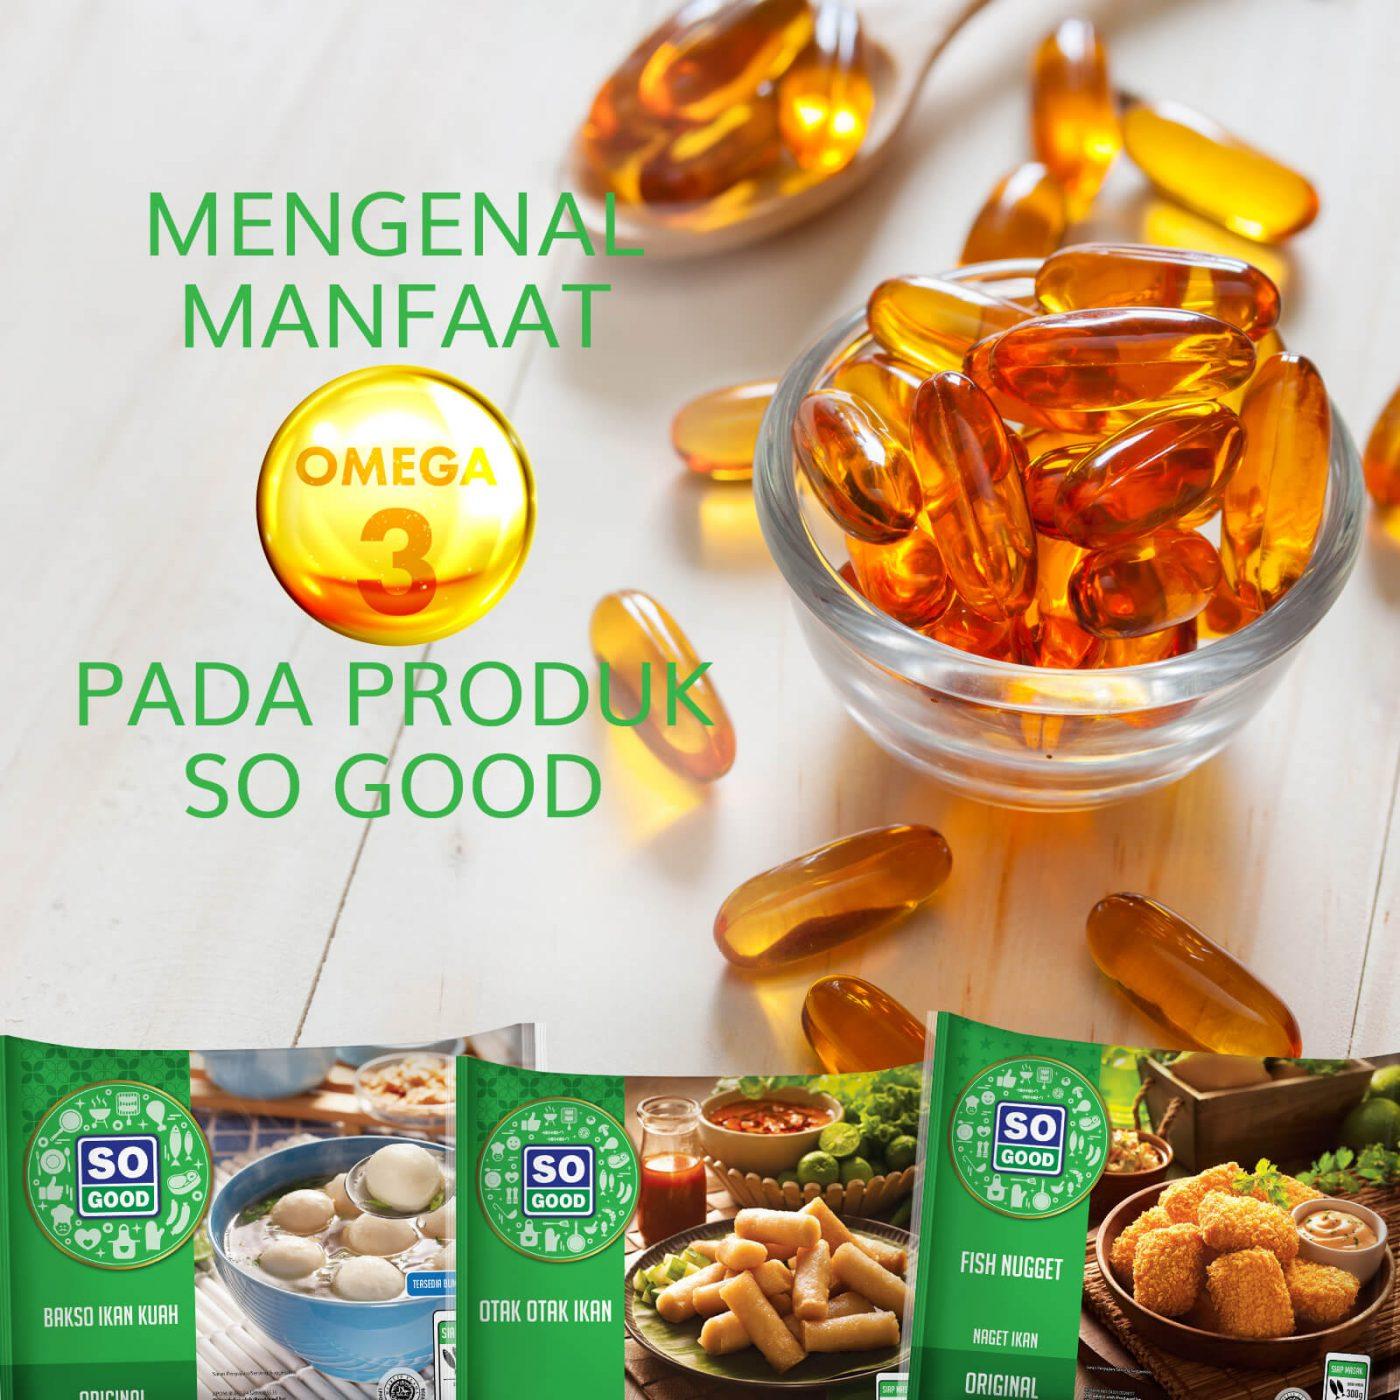 Image MENGENAL MANFAAT  OMEGA 3 PADA PRODUK SO GOOD